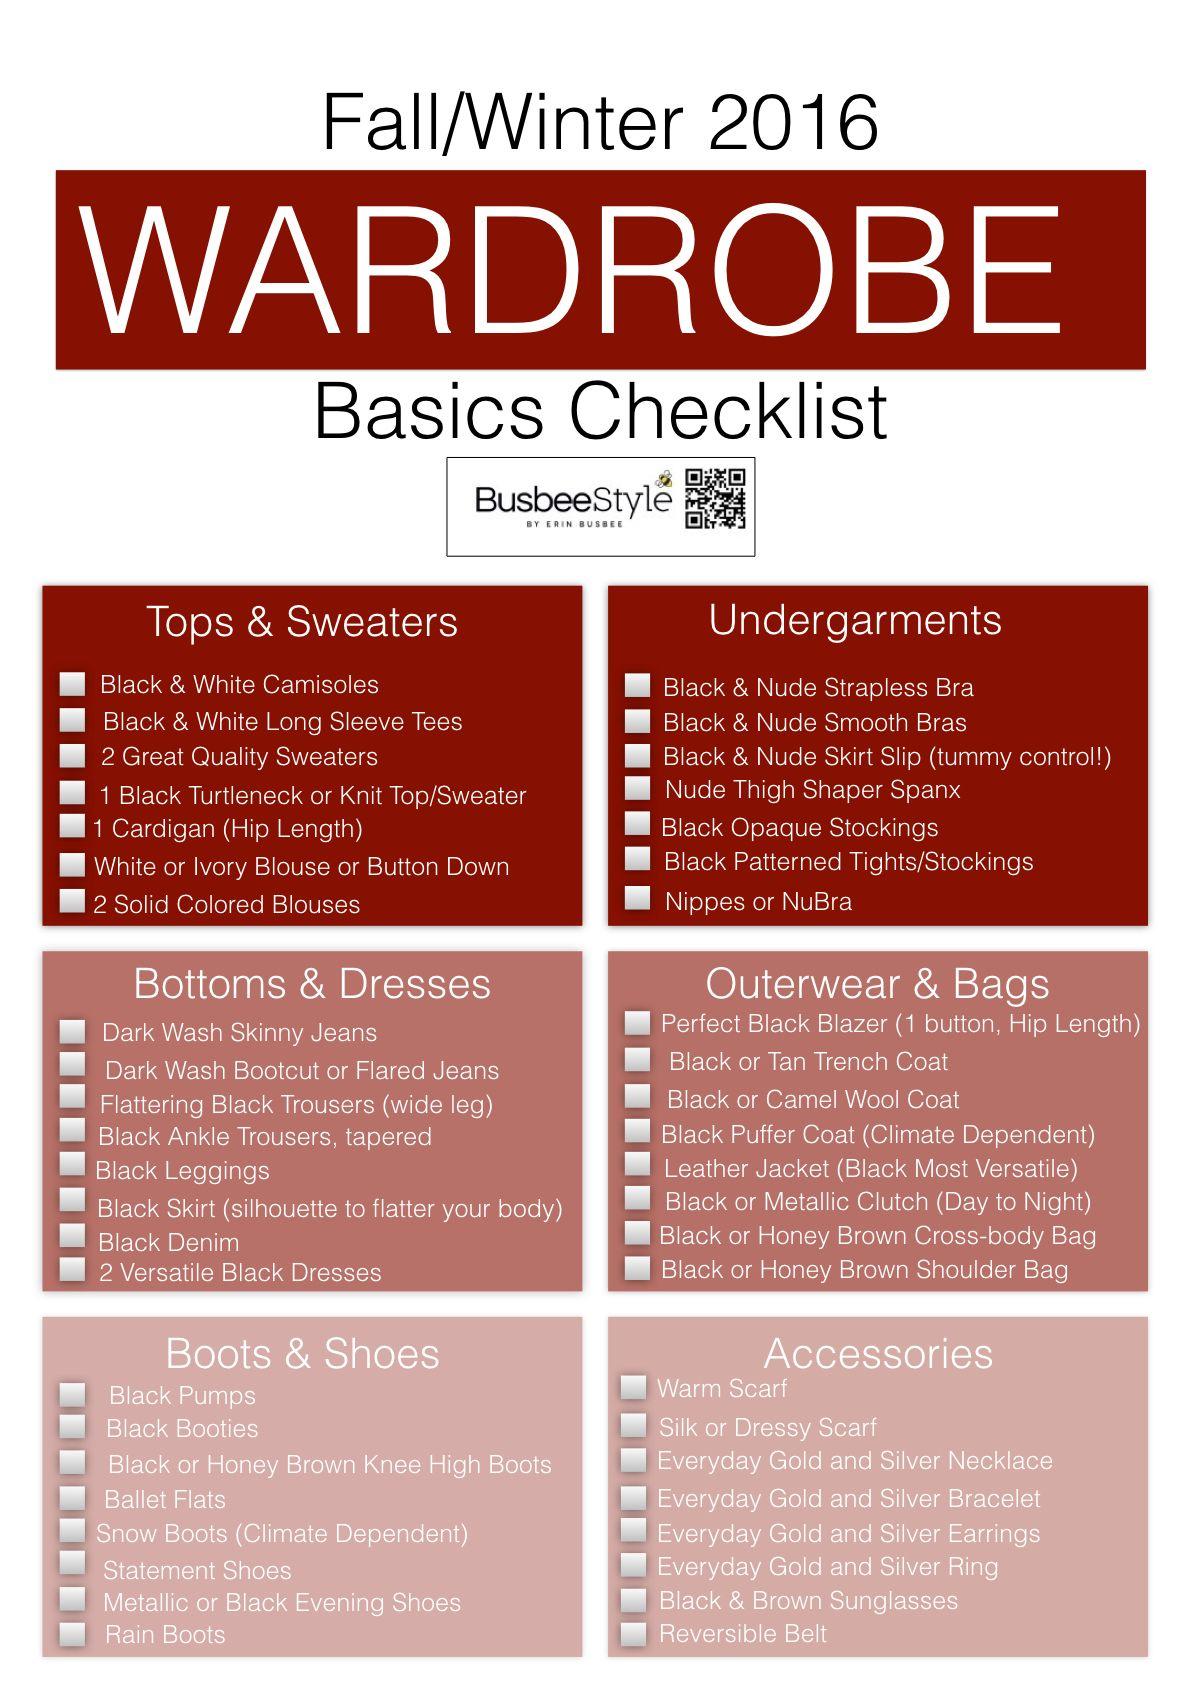 Fall & Winter Wardrobe Basics Checklist by Erin Busbee ...